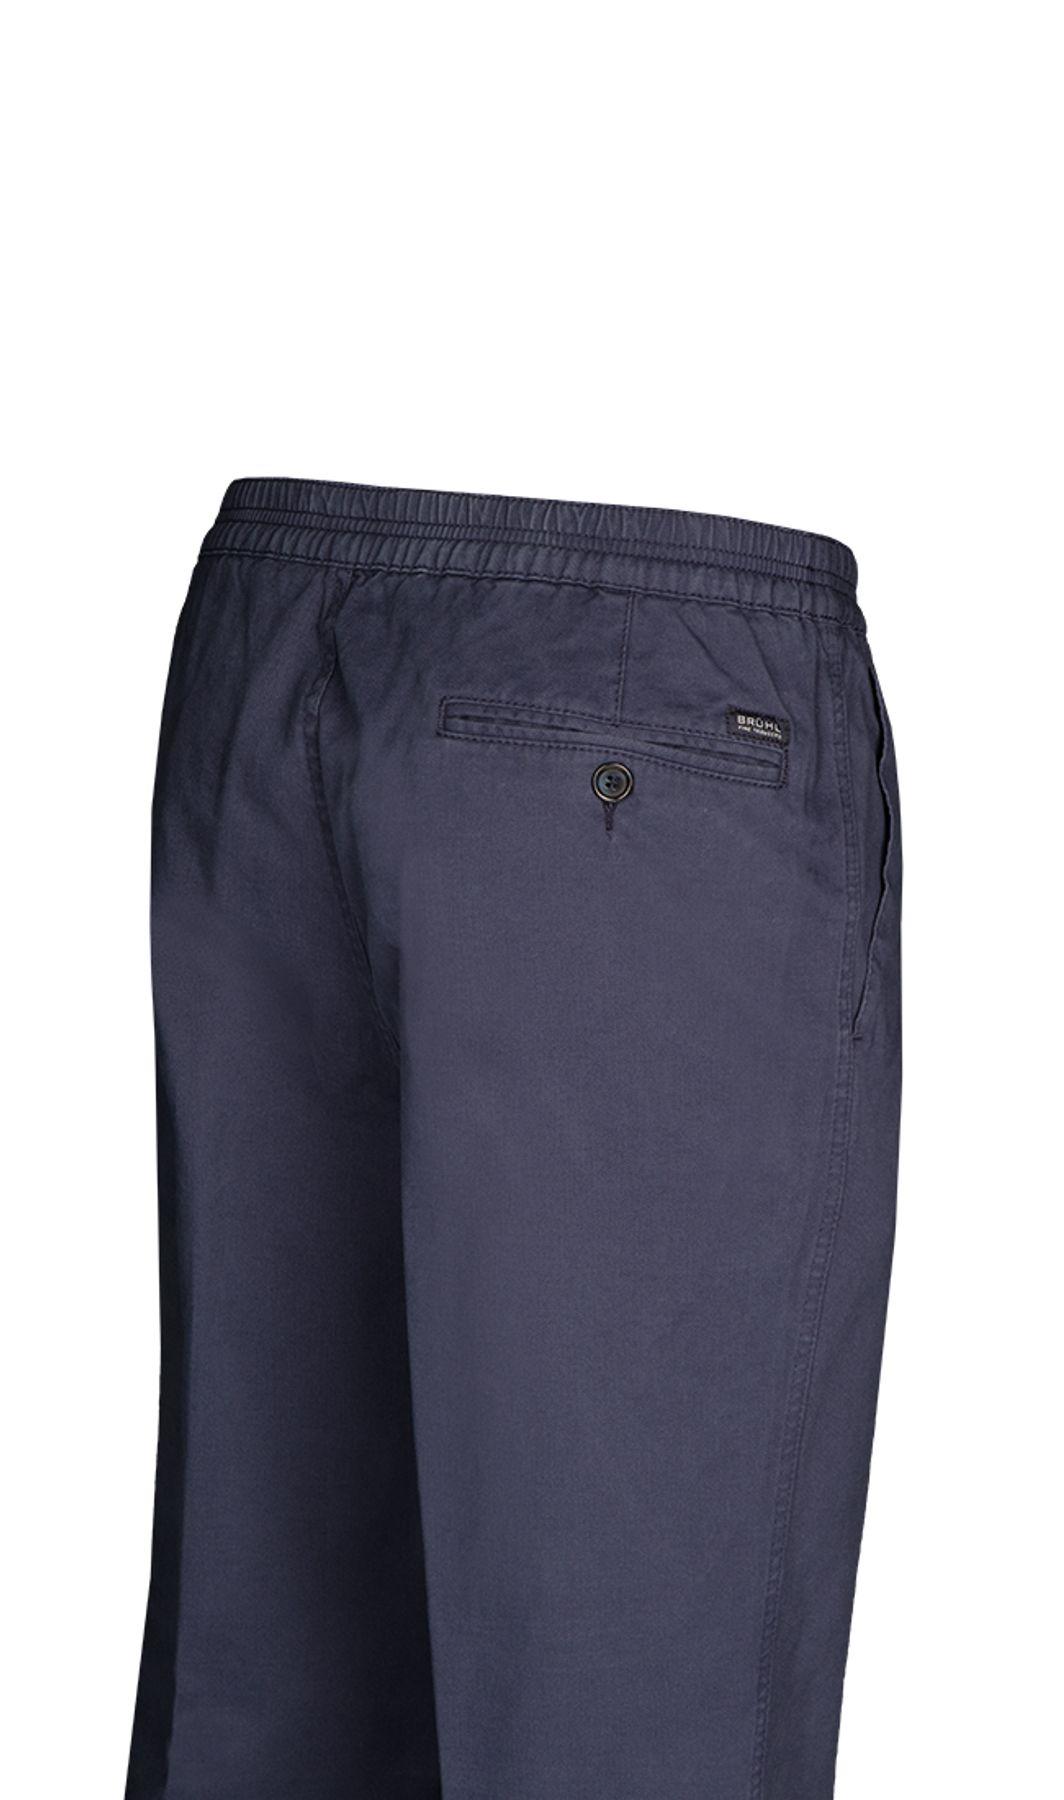 Brühl - Comfort Fit - Herren Schlupfhose in blau, Gustav (0124180000100) – Bild 3